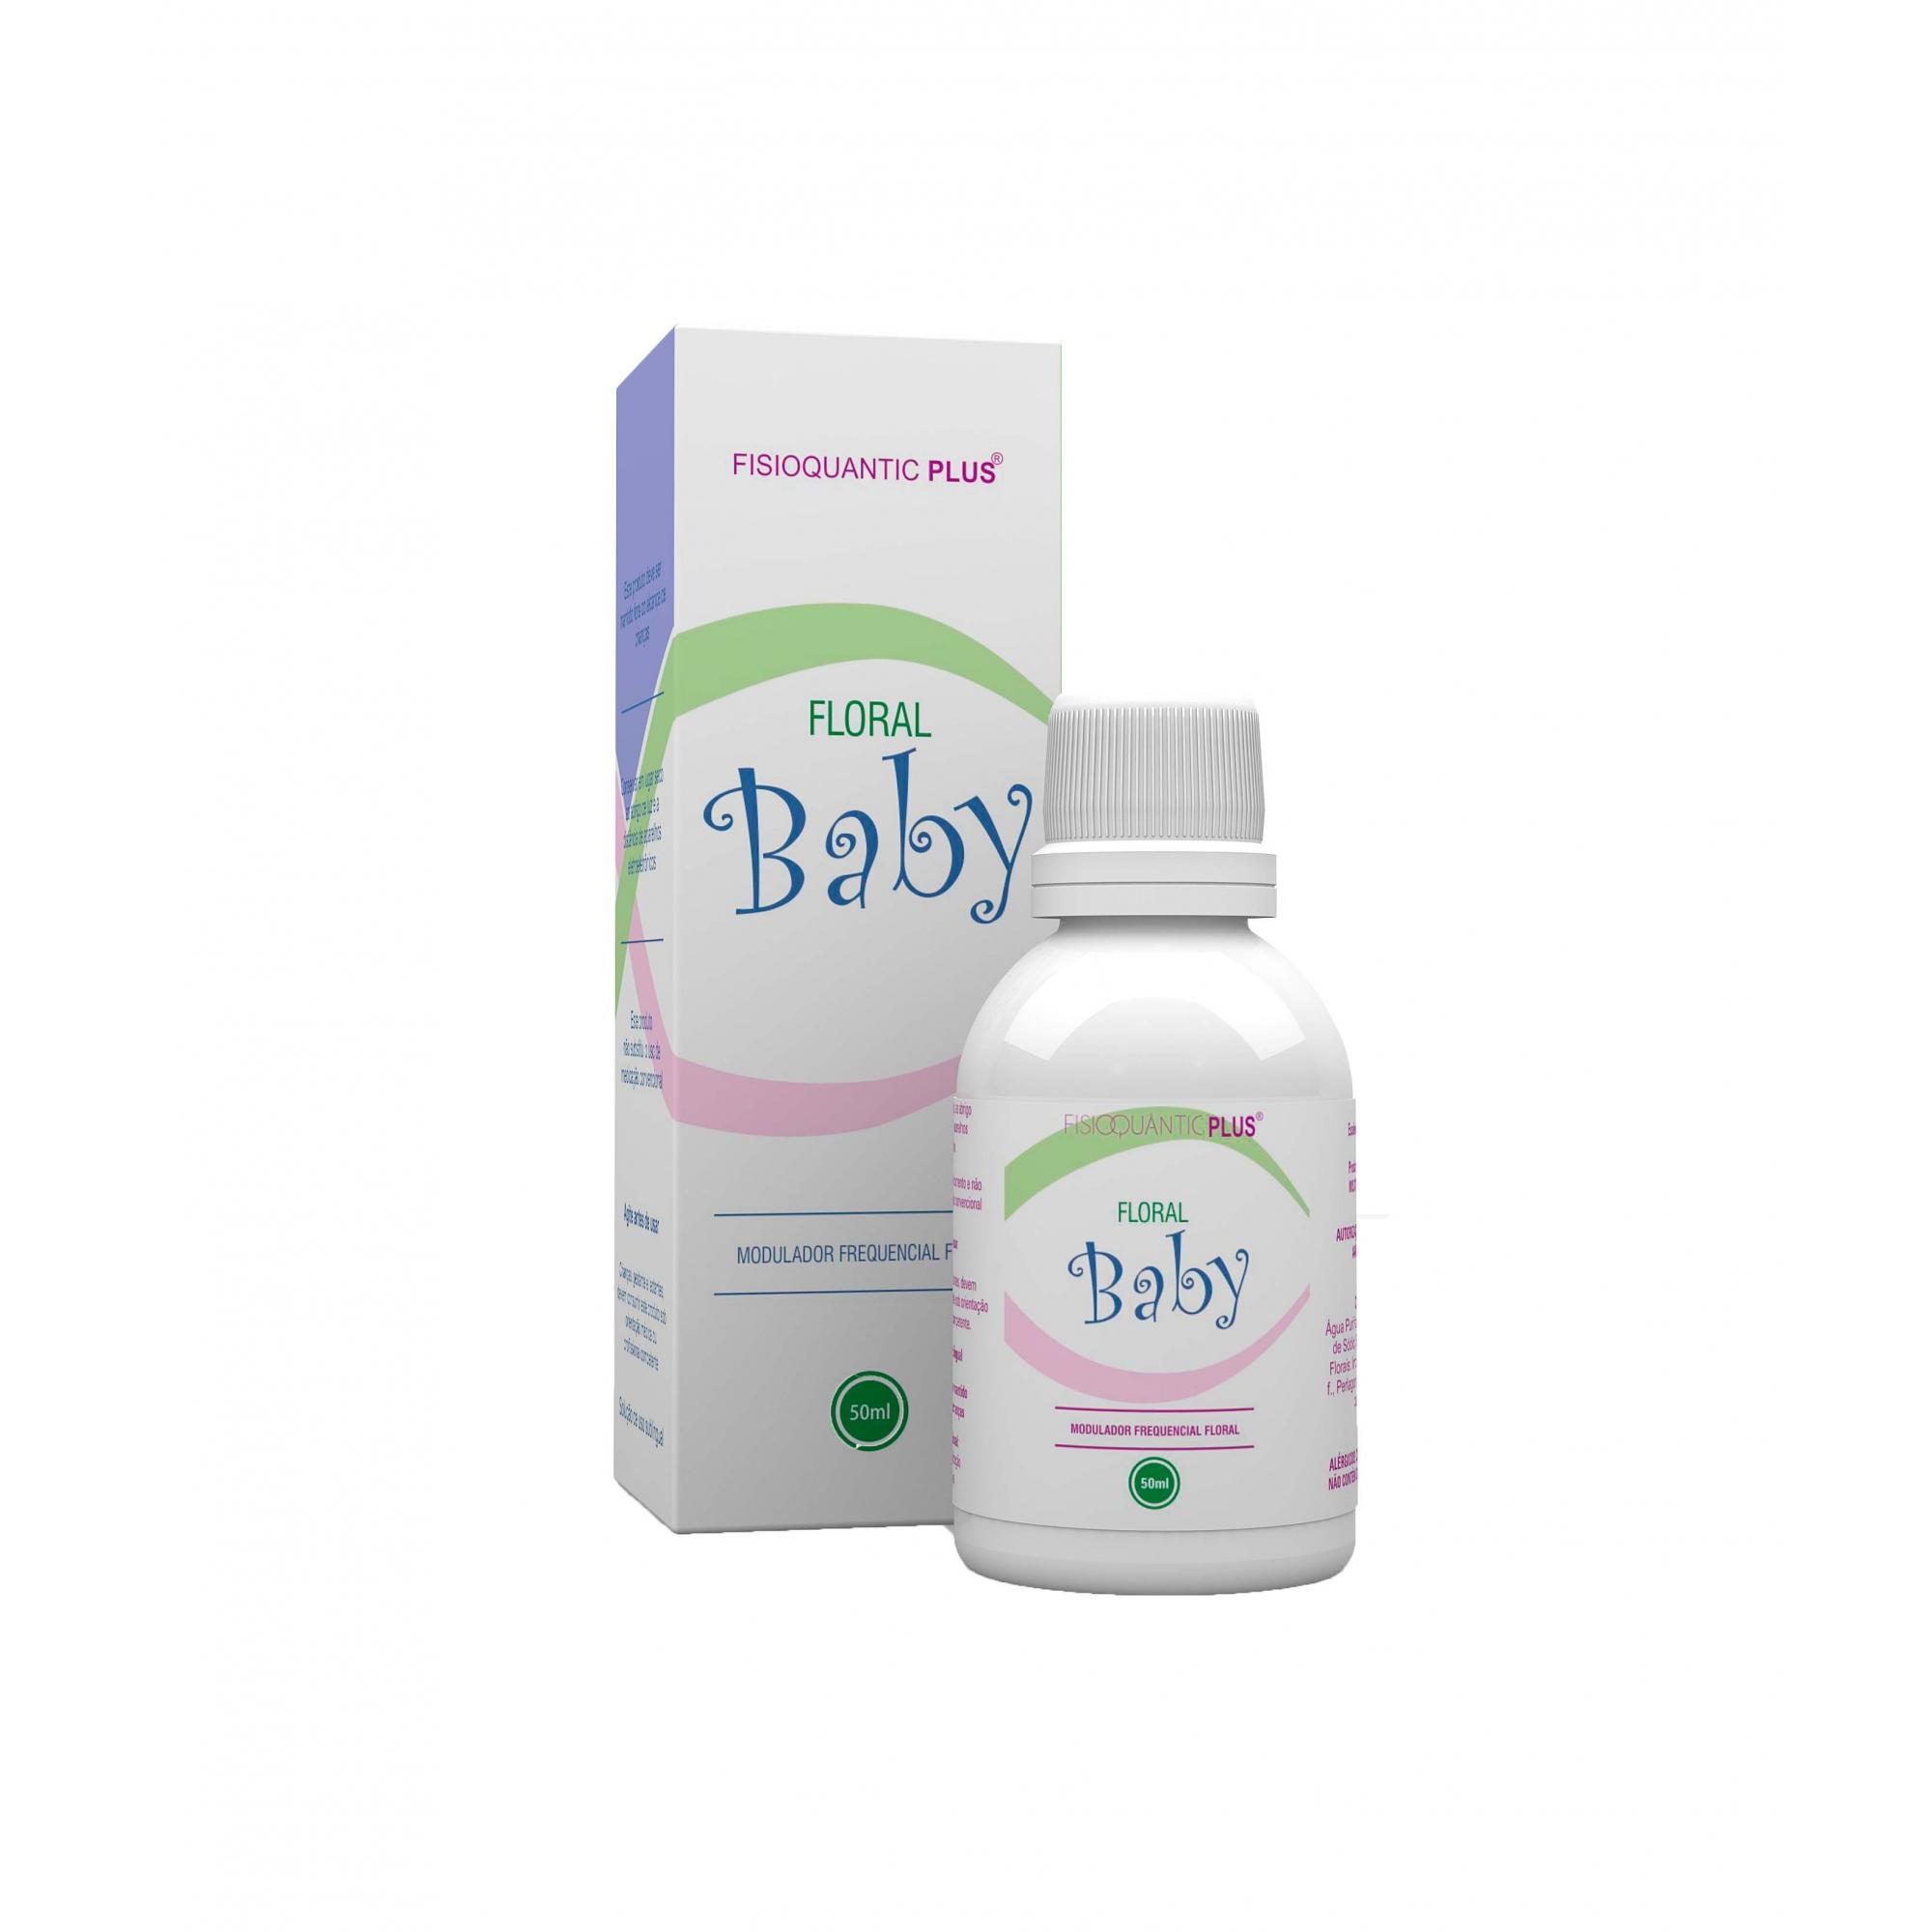 Fisioquantic Plus Floral Baby 50ml Fisioquantic